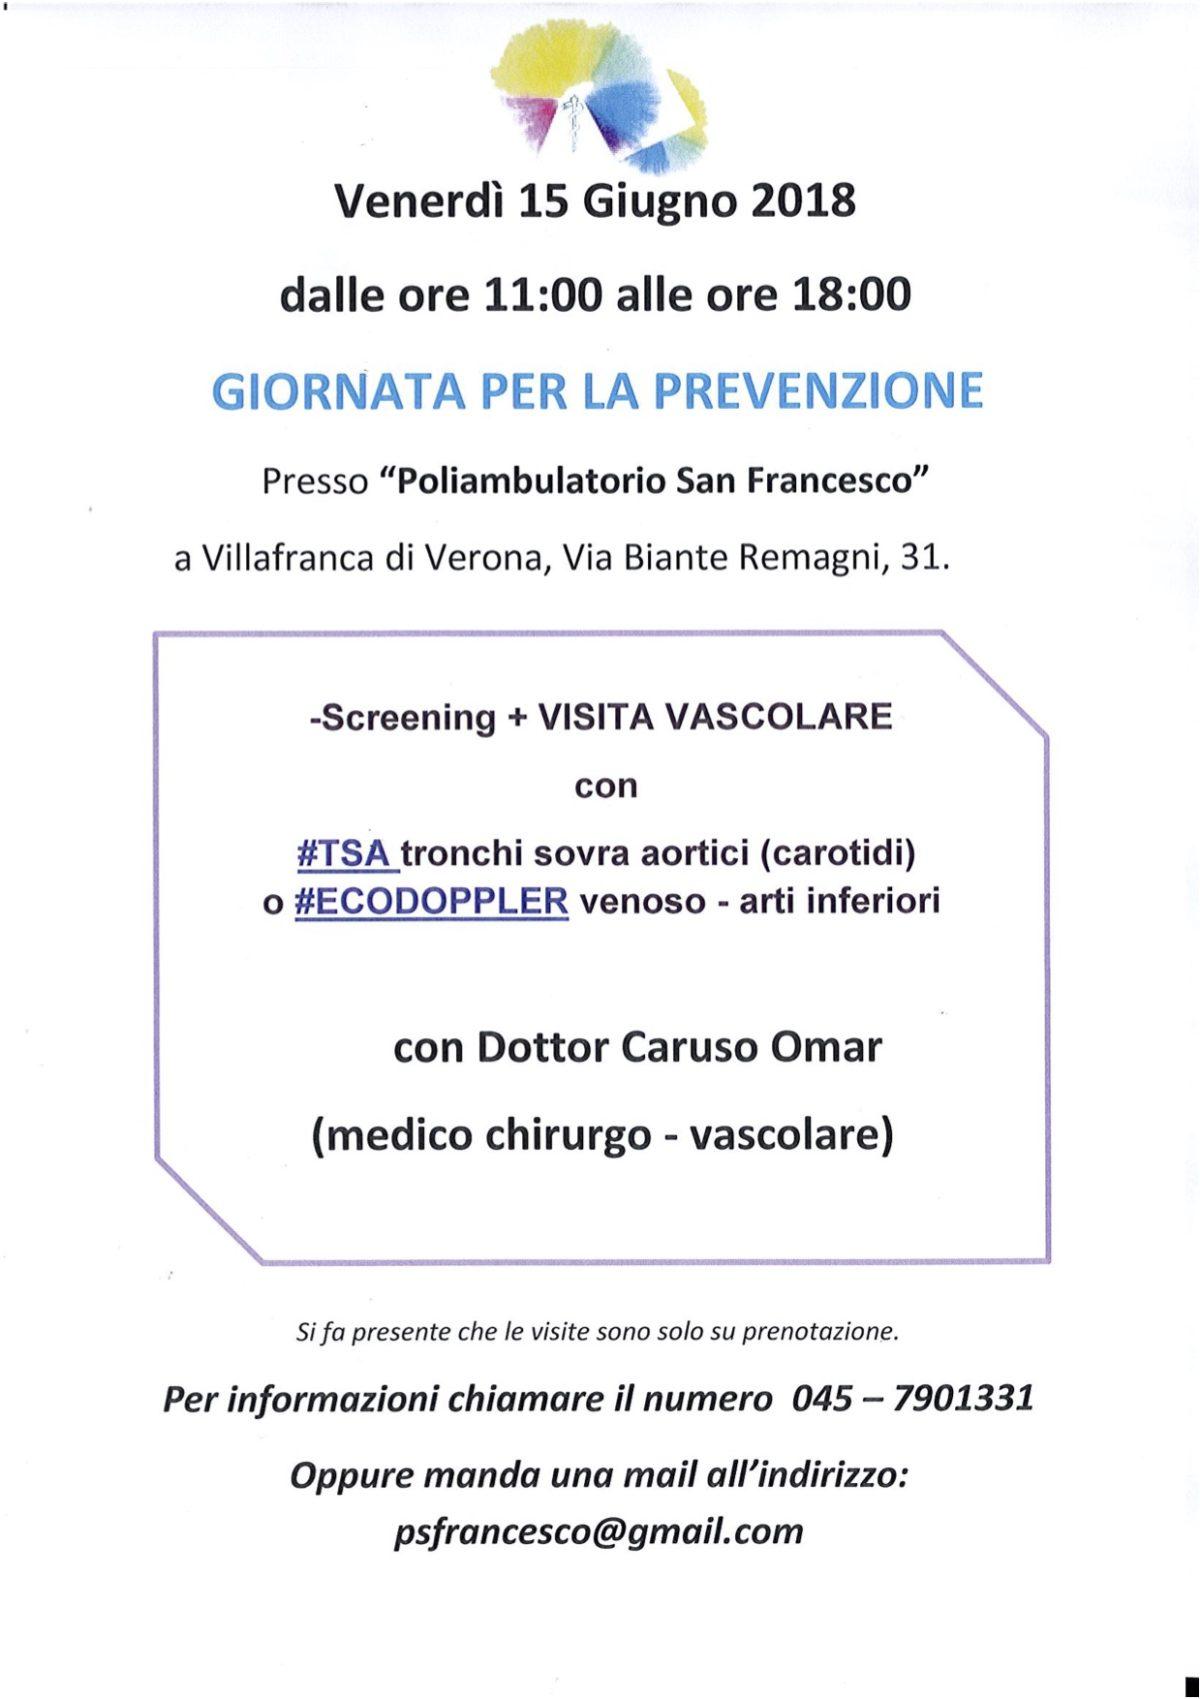 Giornata-Prevenzione-15-Giugno-2018-1200x1699.jpg